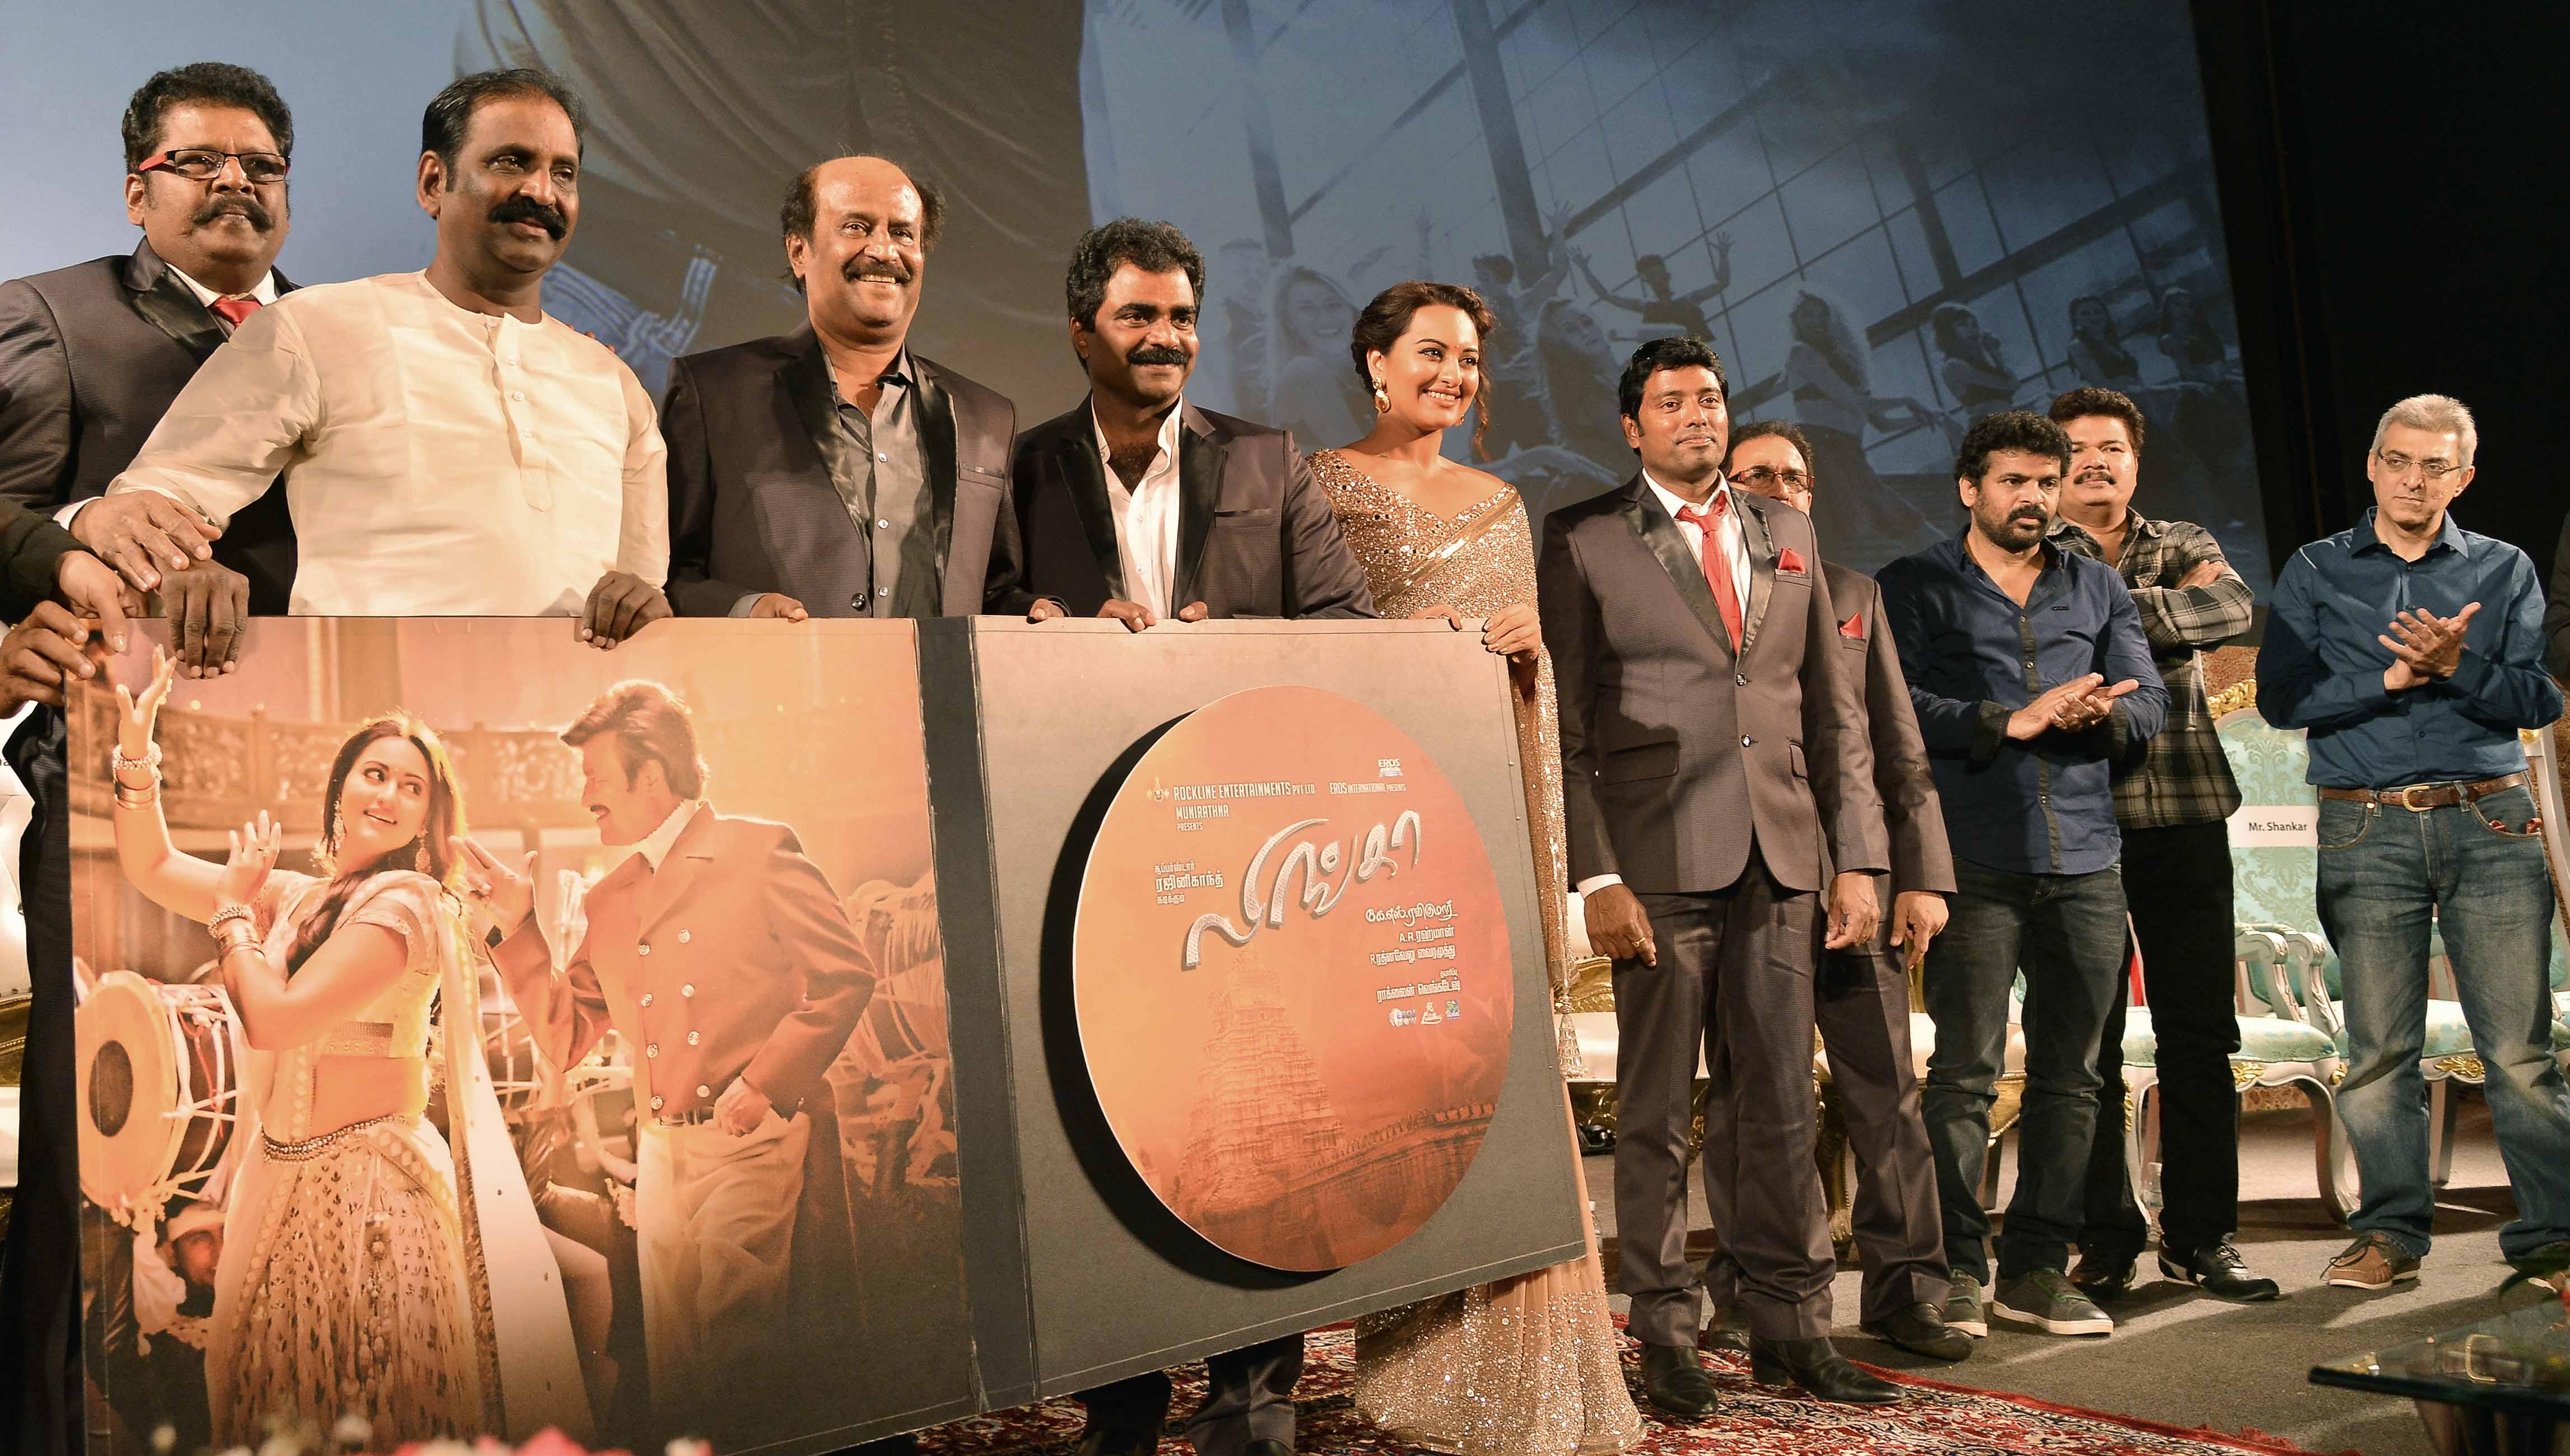 KS Ravikumar-Rajnikanth-Rockline Venkatesh-Sonakshi Sinha-Sabu Cyrille-Dir Shankar- Nandu Ahuja